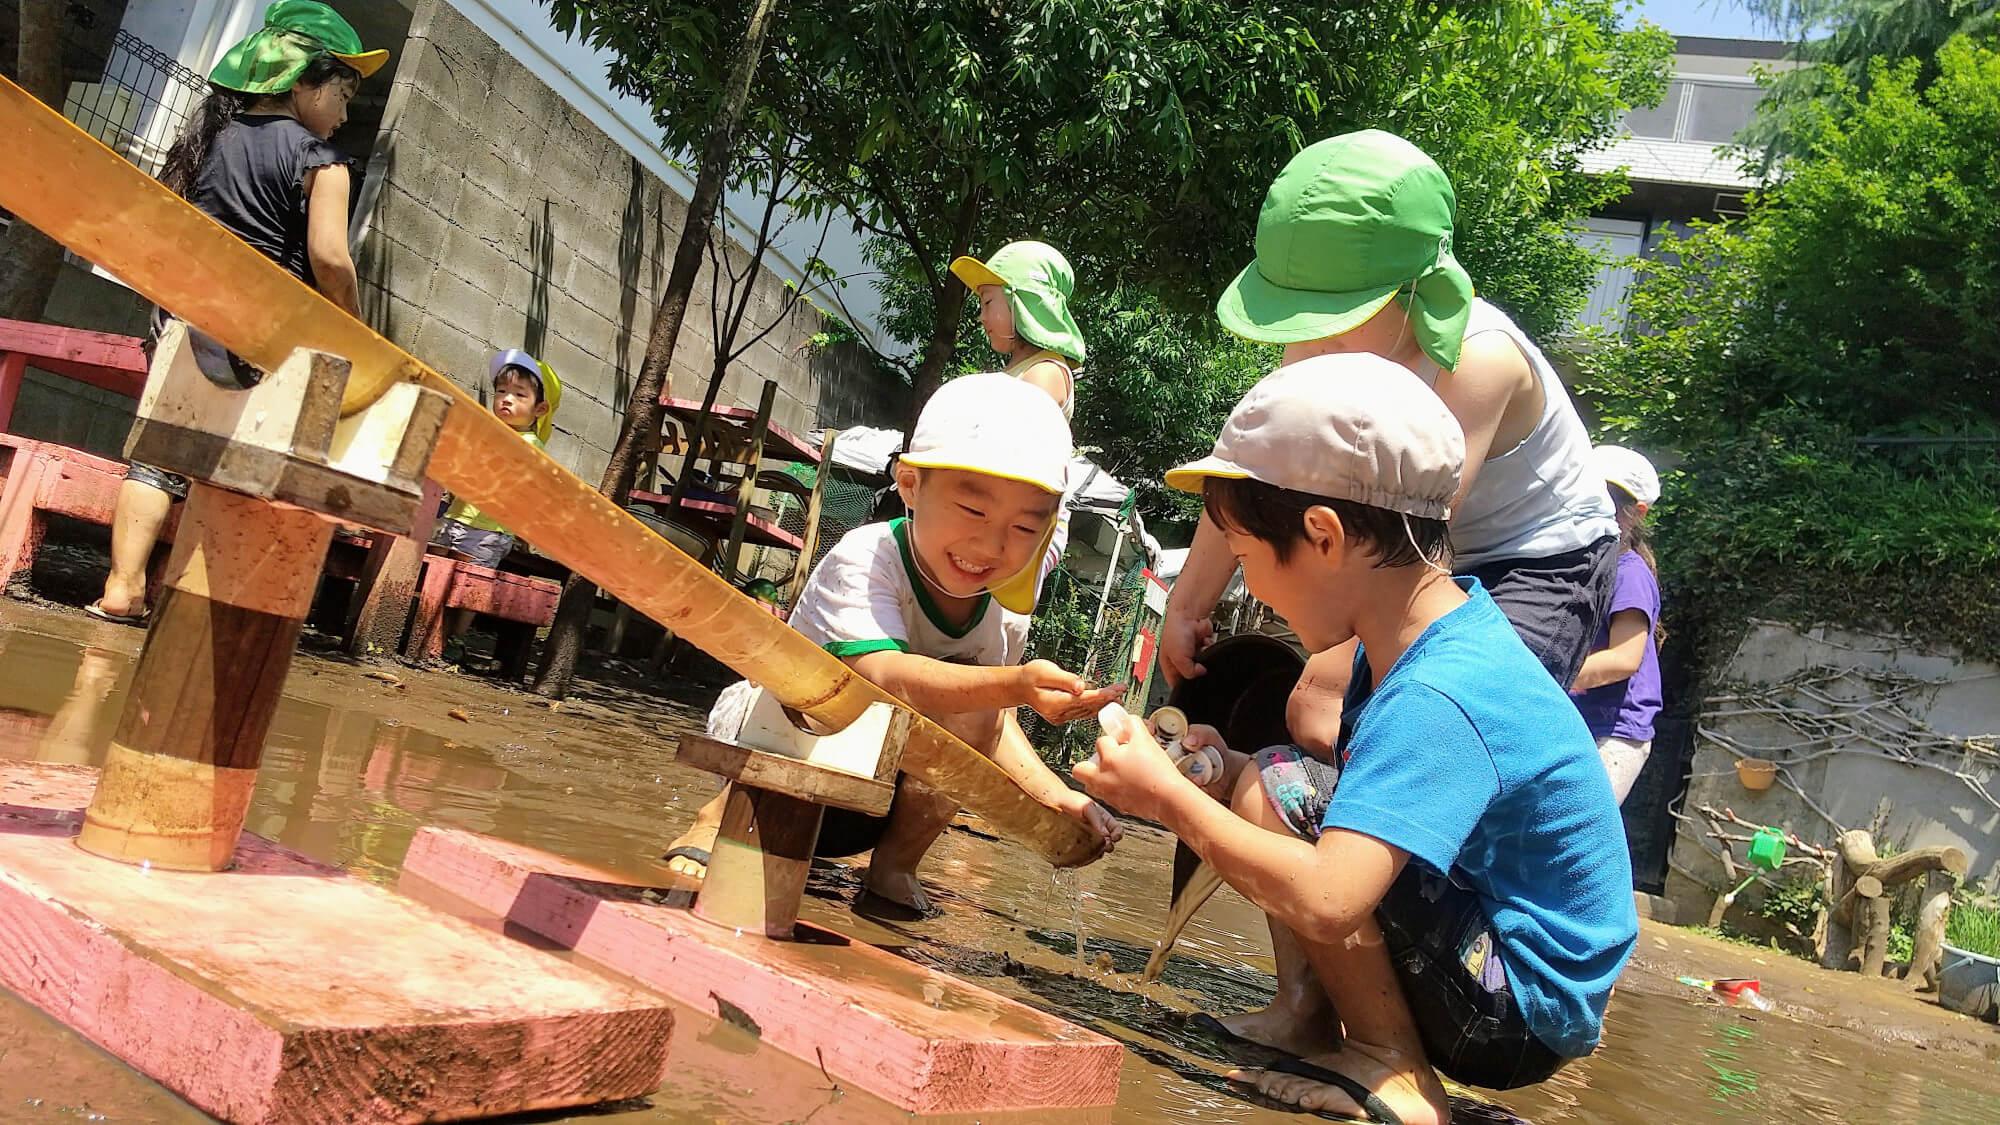 竹の流し台で遊ぶ子どもたち